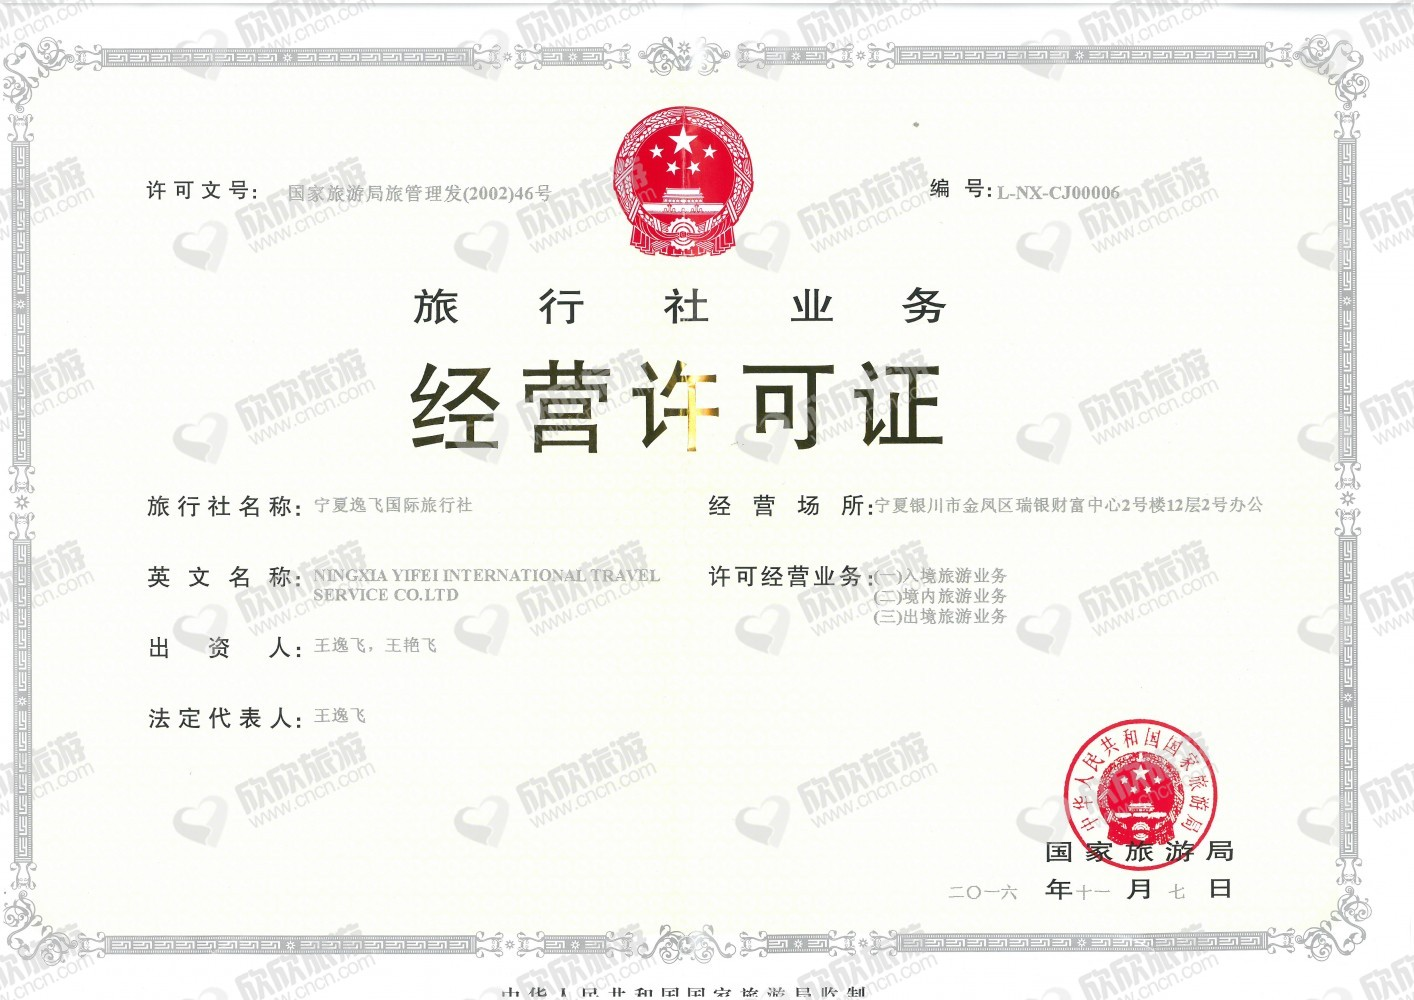 宁夏逸飞国际旅行社(有限公司)经营许可证